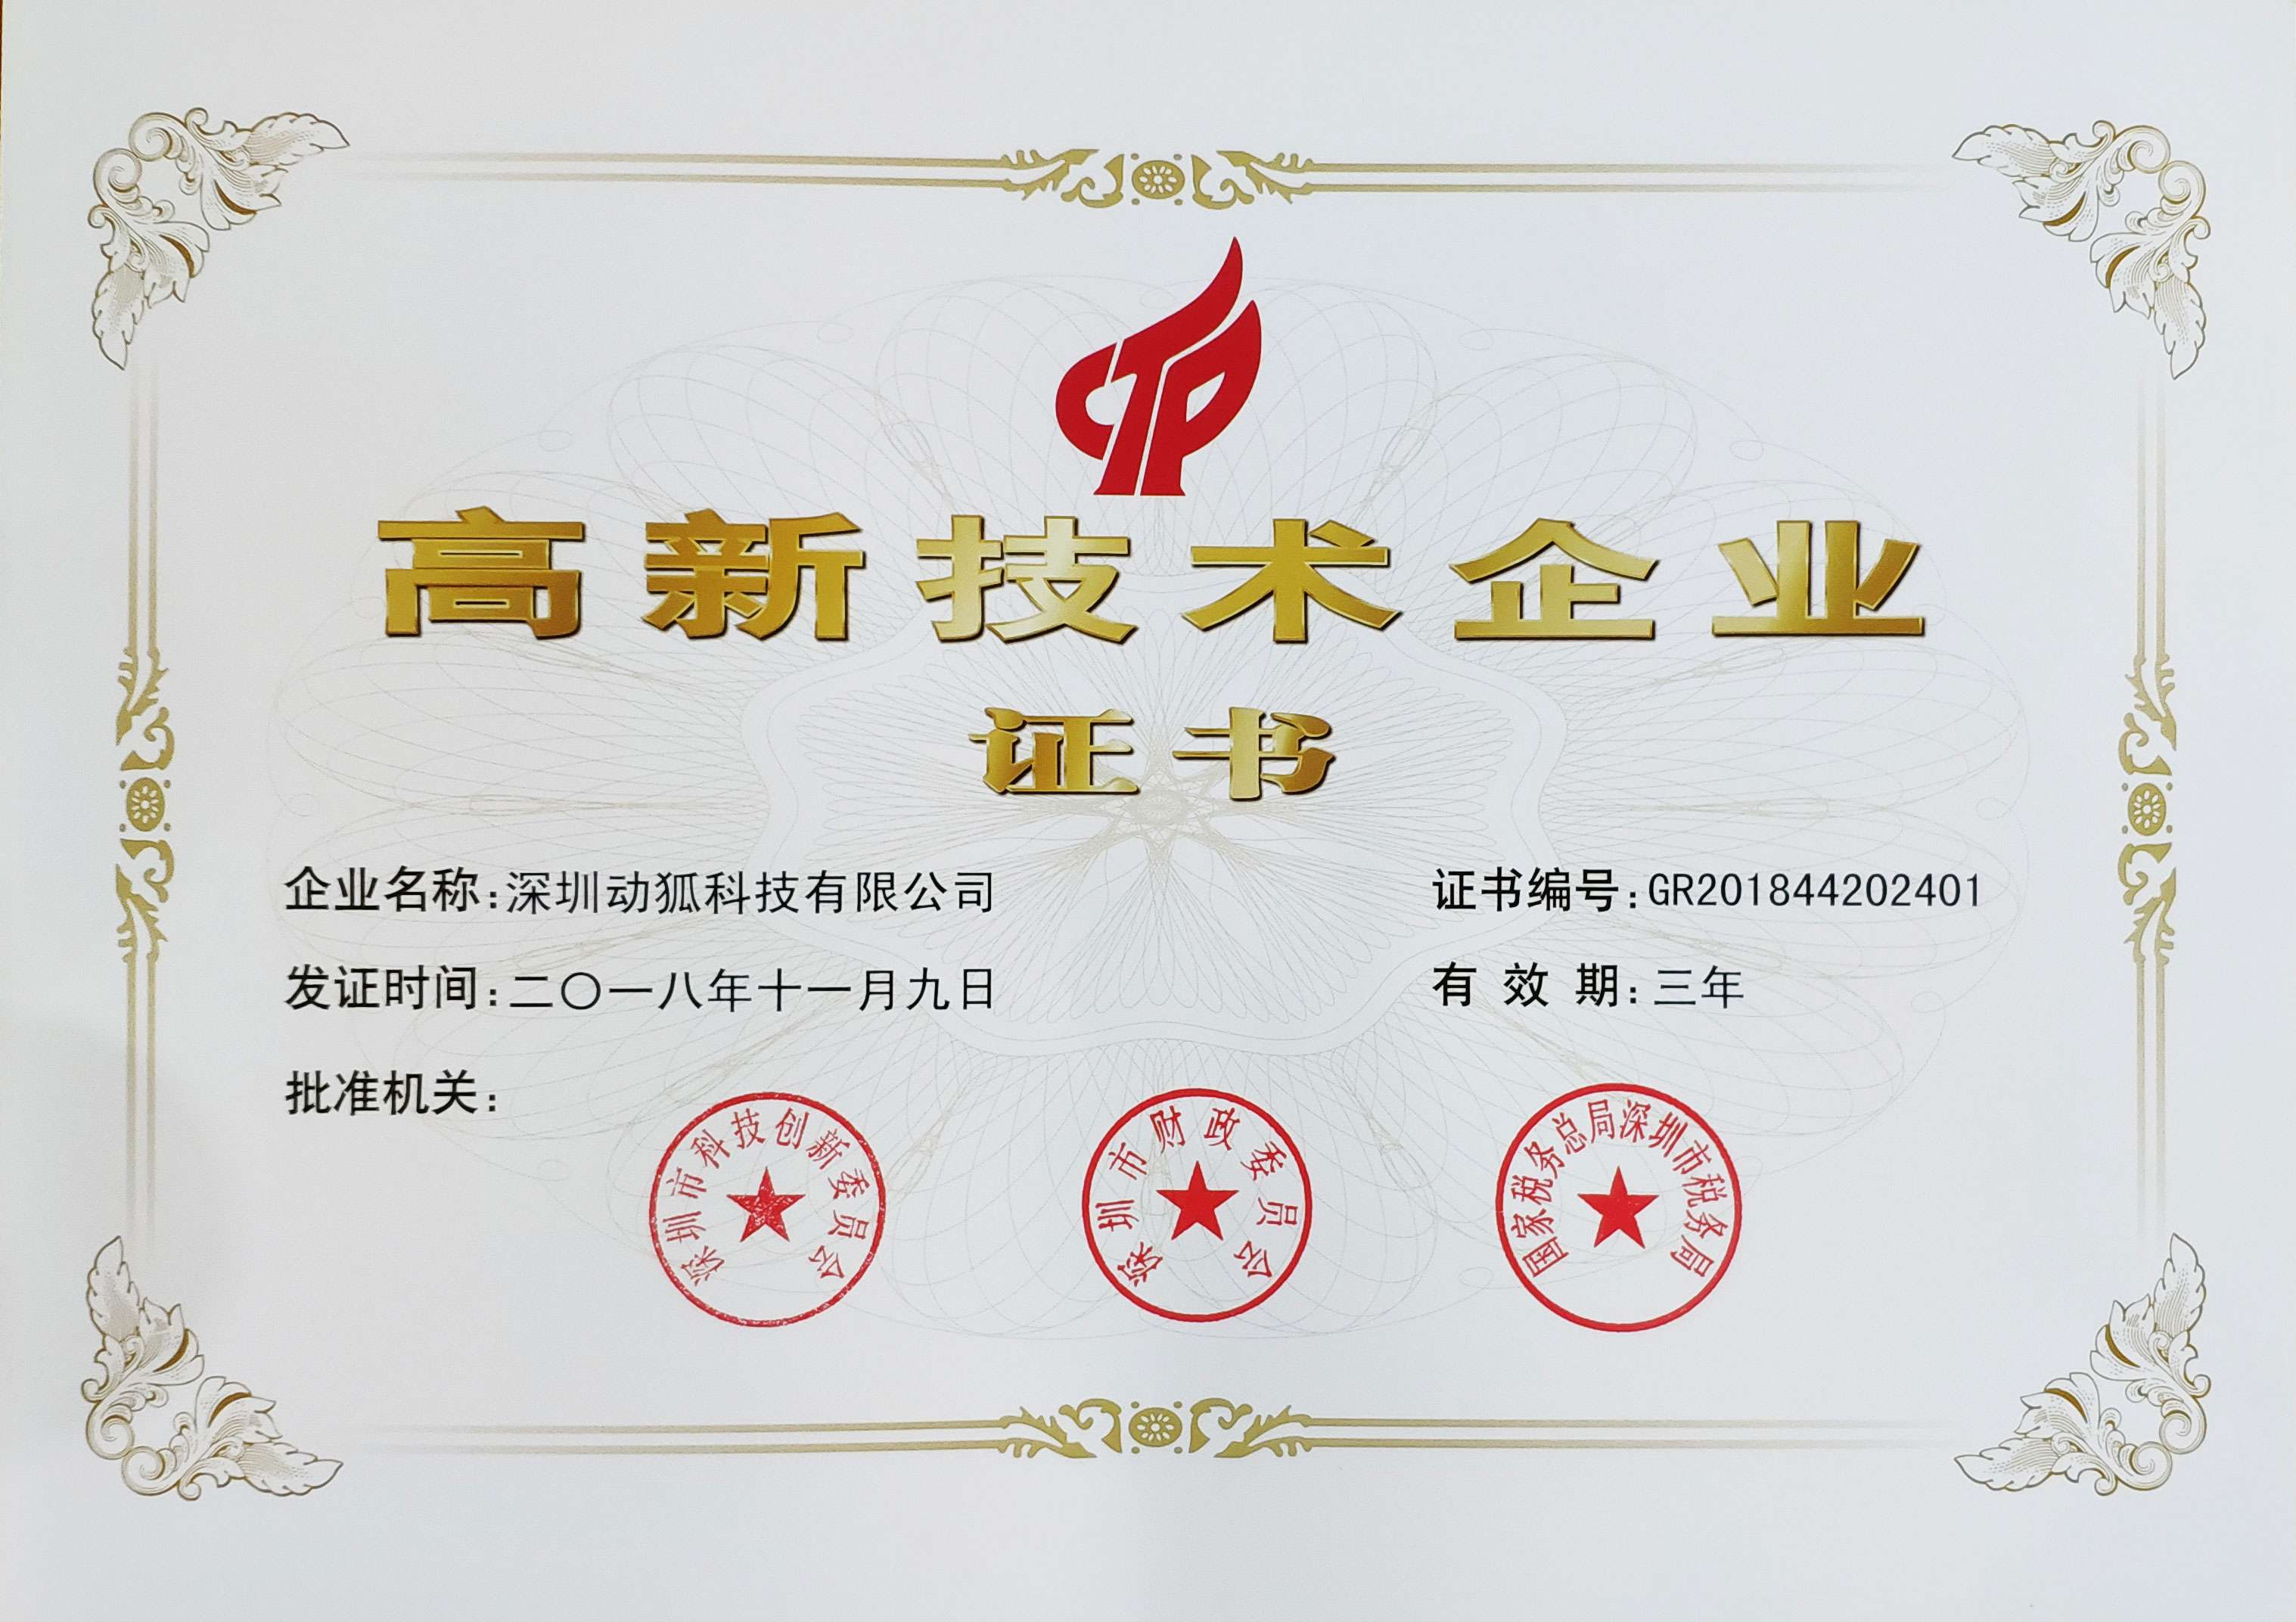 动狐科技高新技术企业证书